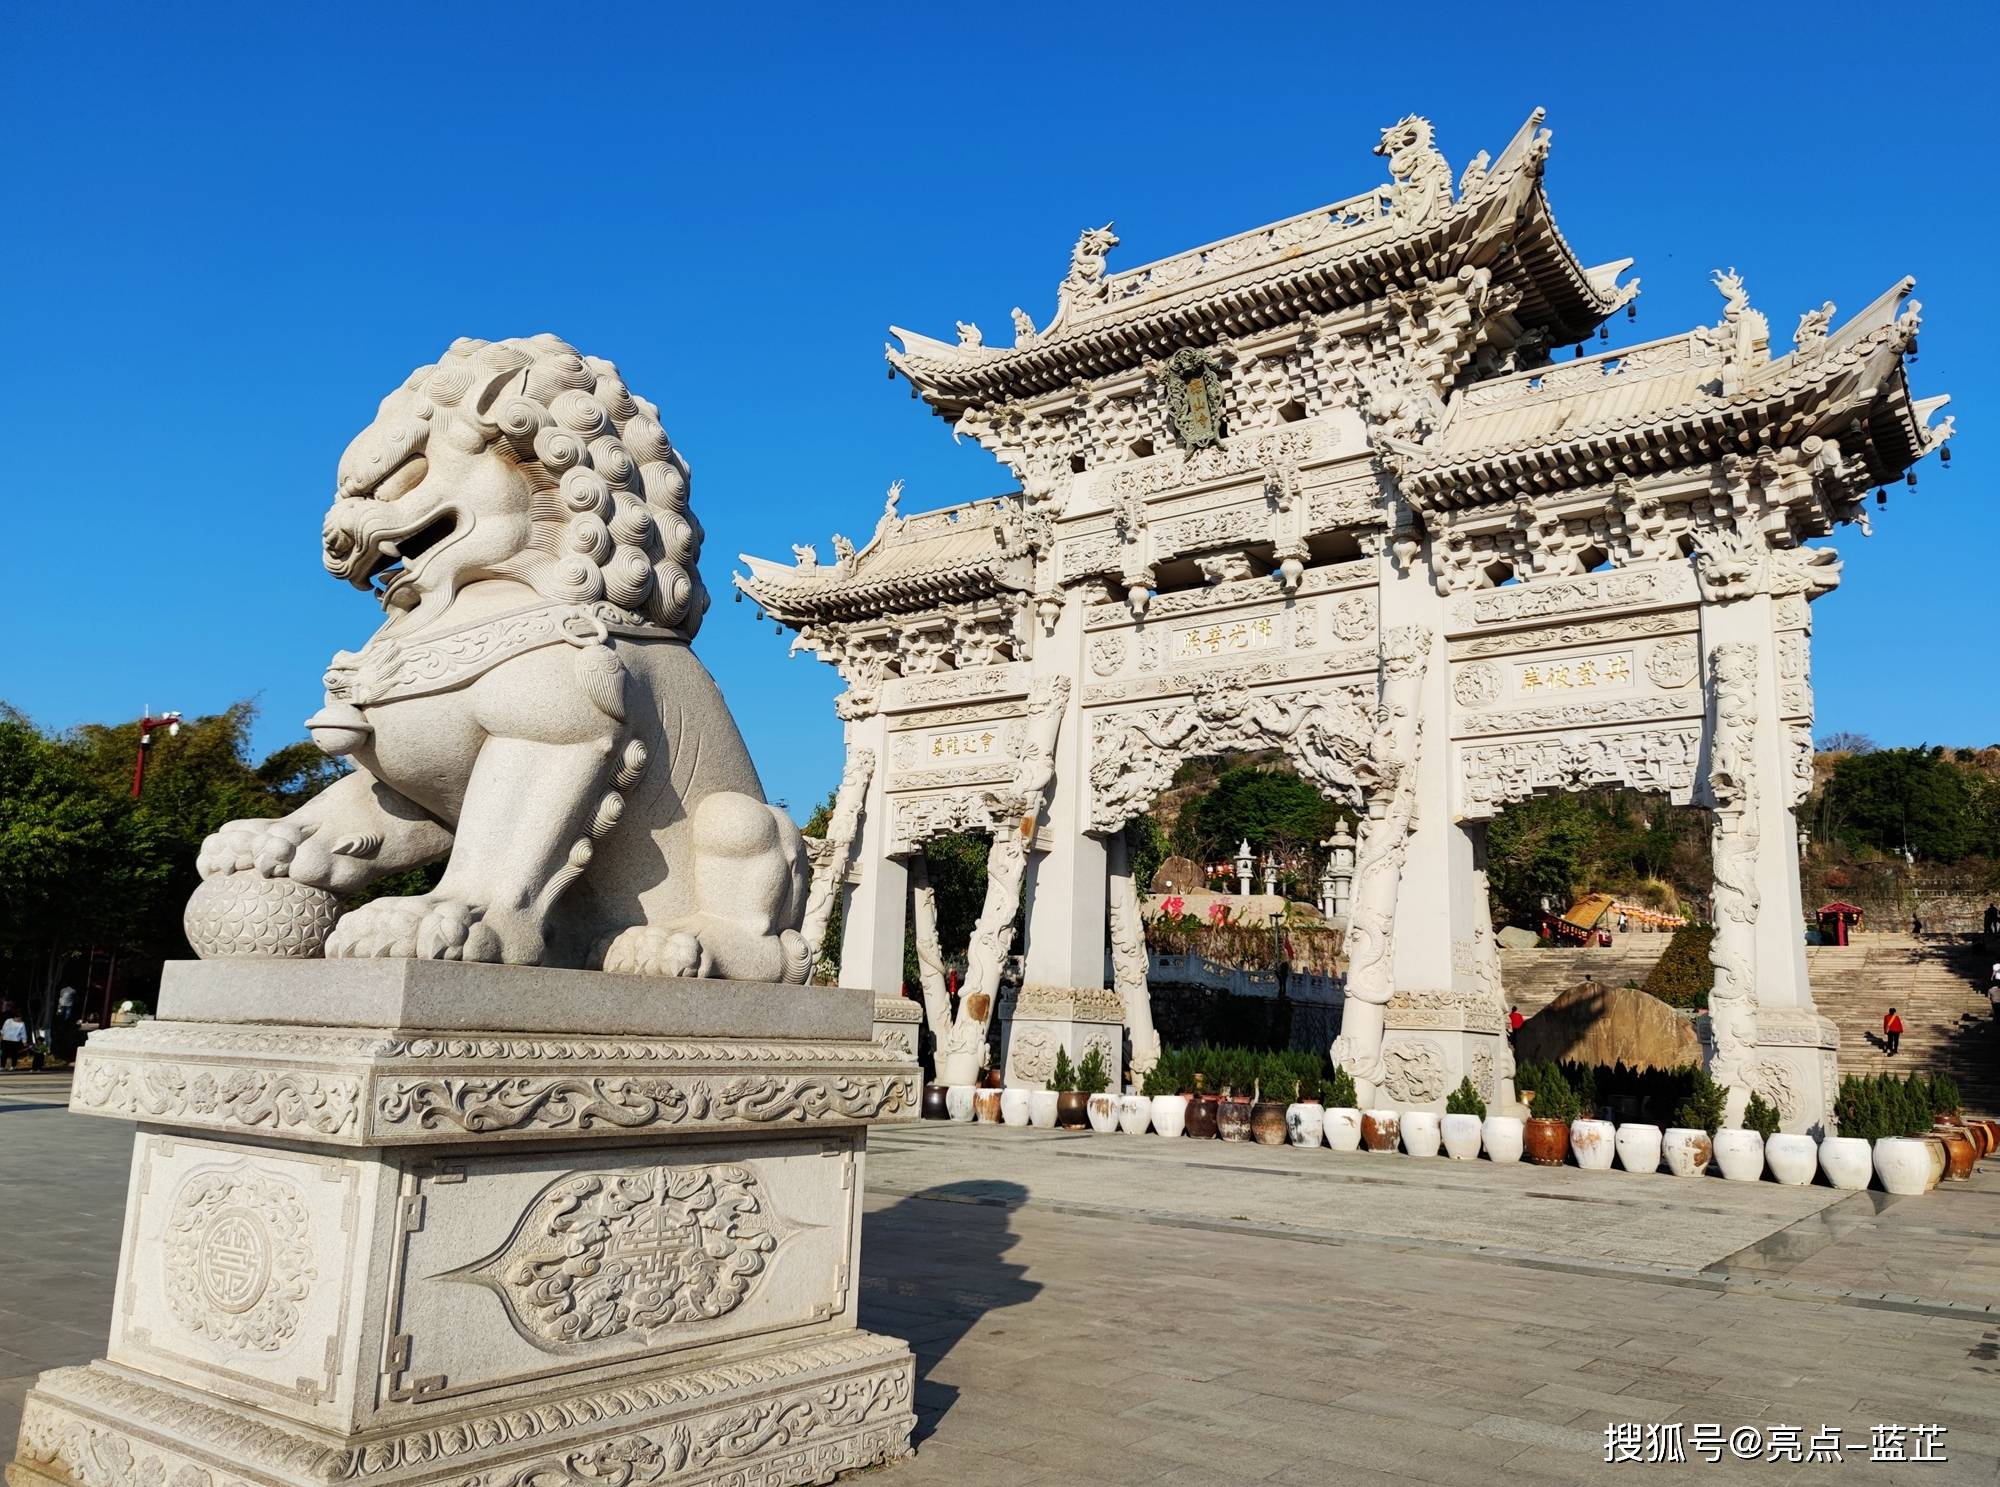 了不起的梅山寺,拥有两个国内之最——石质山门、缅甸白玉佛像  第3张